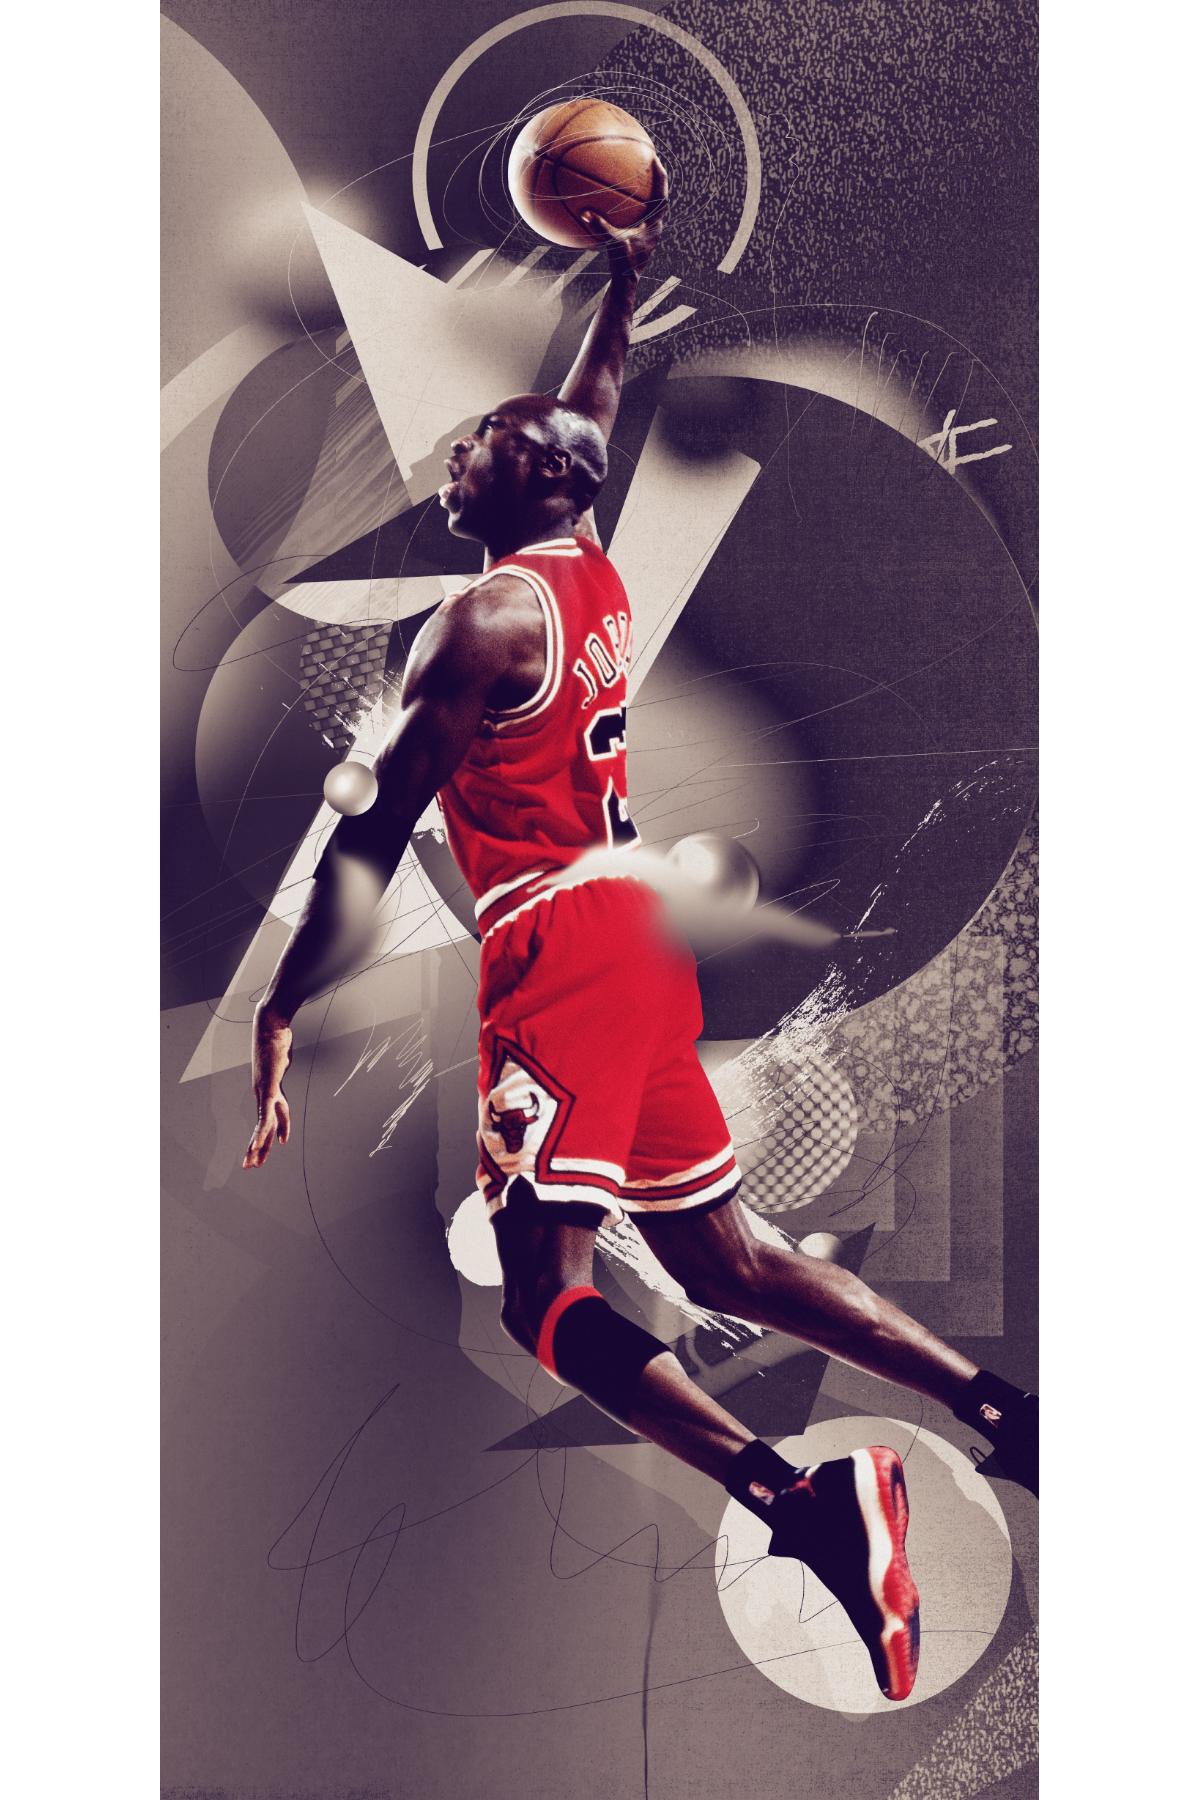 Electric Heat The Commercial Work Of Nigel Evan Dennis 2014 Michael Jordan Pictures Michael Jordan Art Michael Jordan Basketball